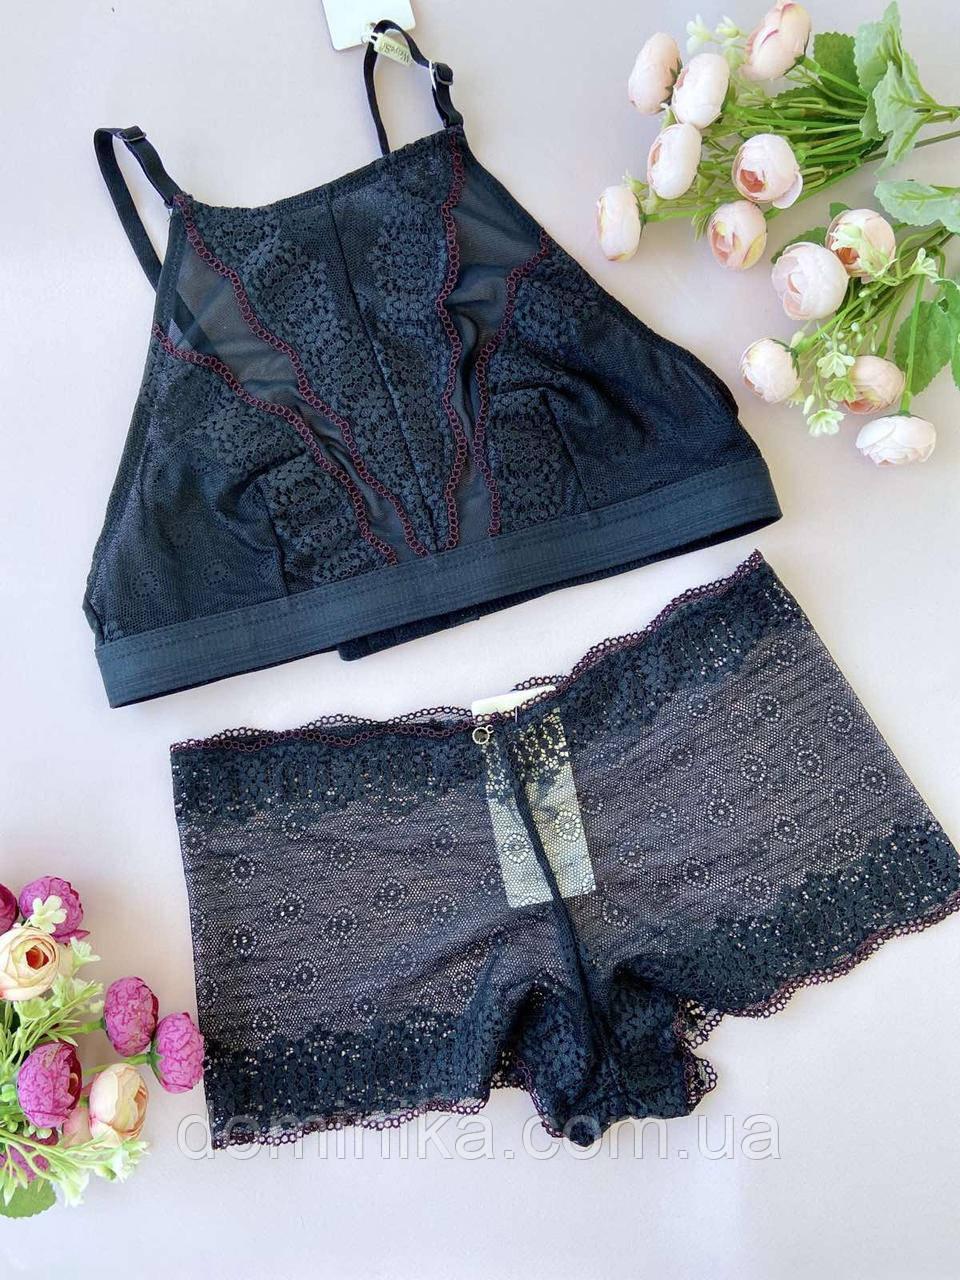 80В Красивый черный комплект женского нижнего белья, холтер-бра с трусиками